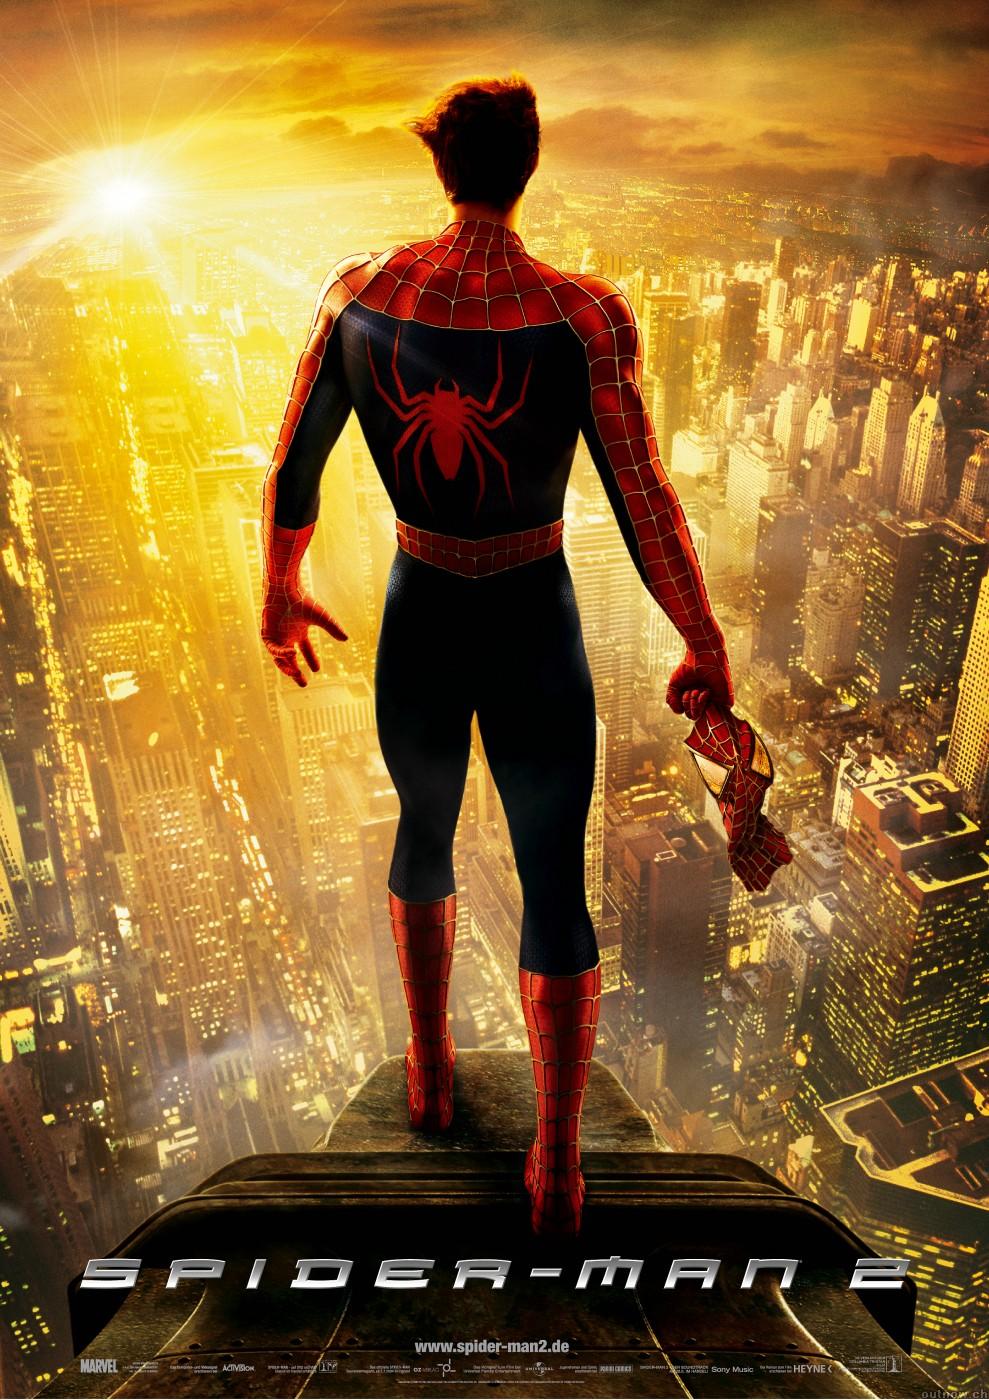 Spider-Man_2_Poster_1